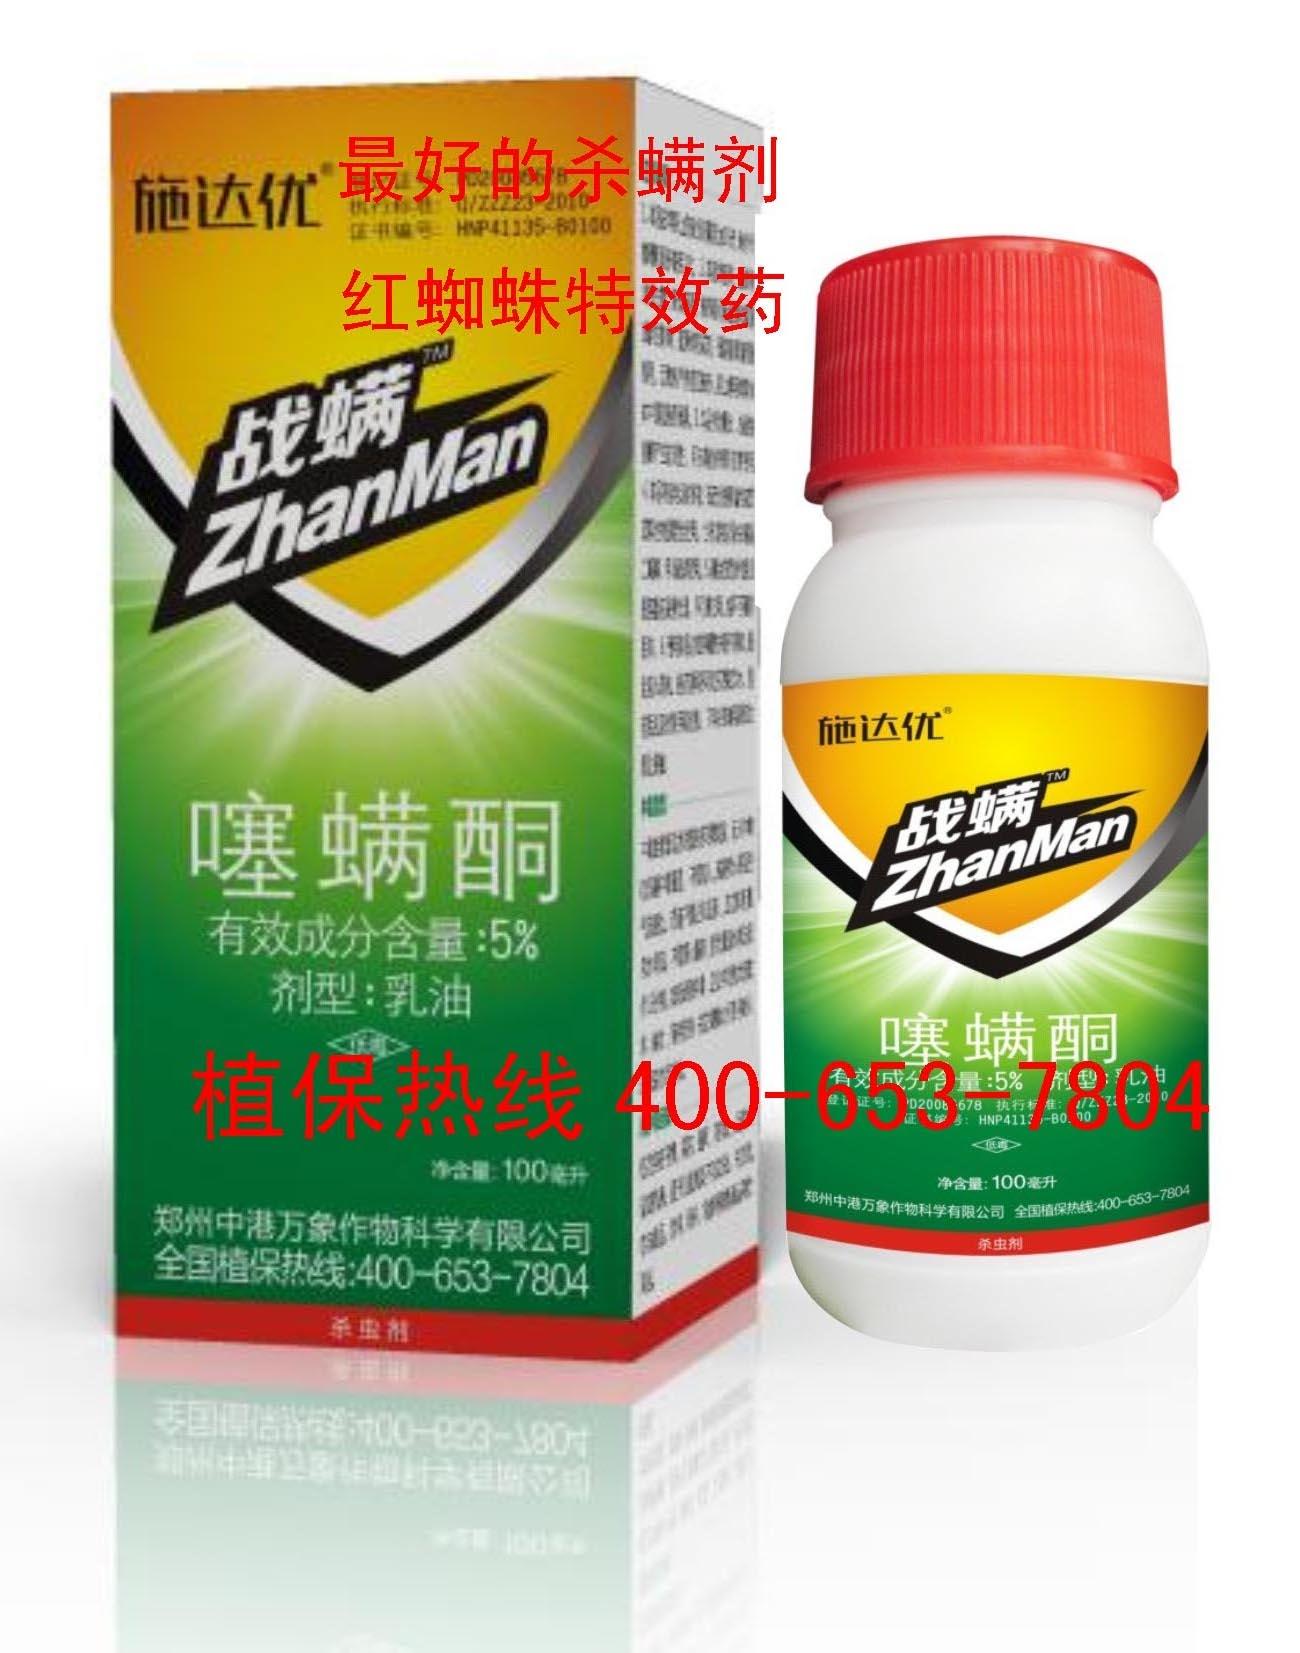 山东蔬菜红白蜘蛛专用药 专杀茄子/番茄红白蜘蛛专用杀螨剂